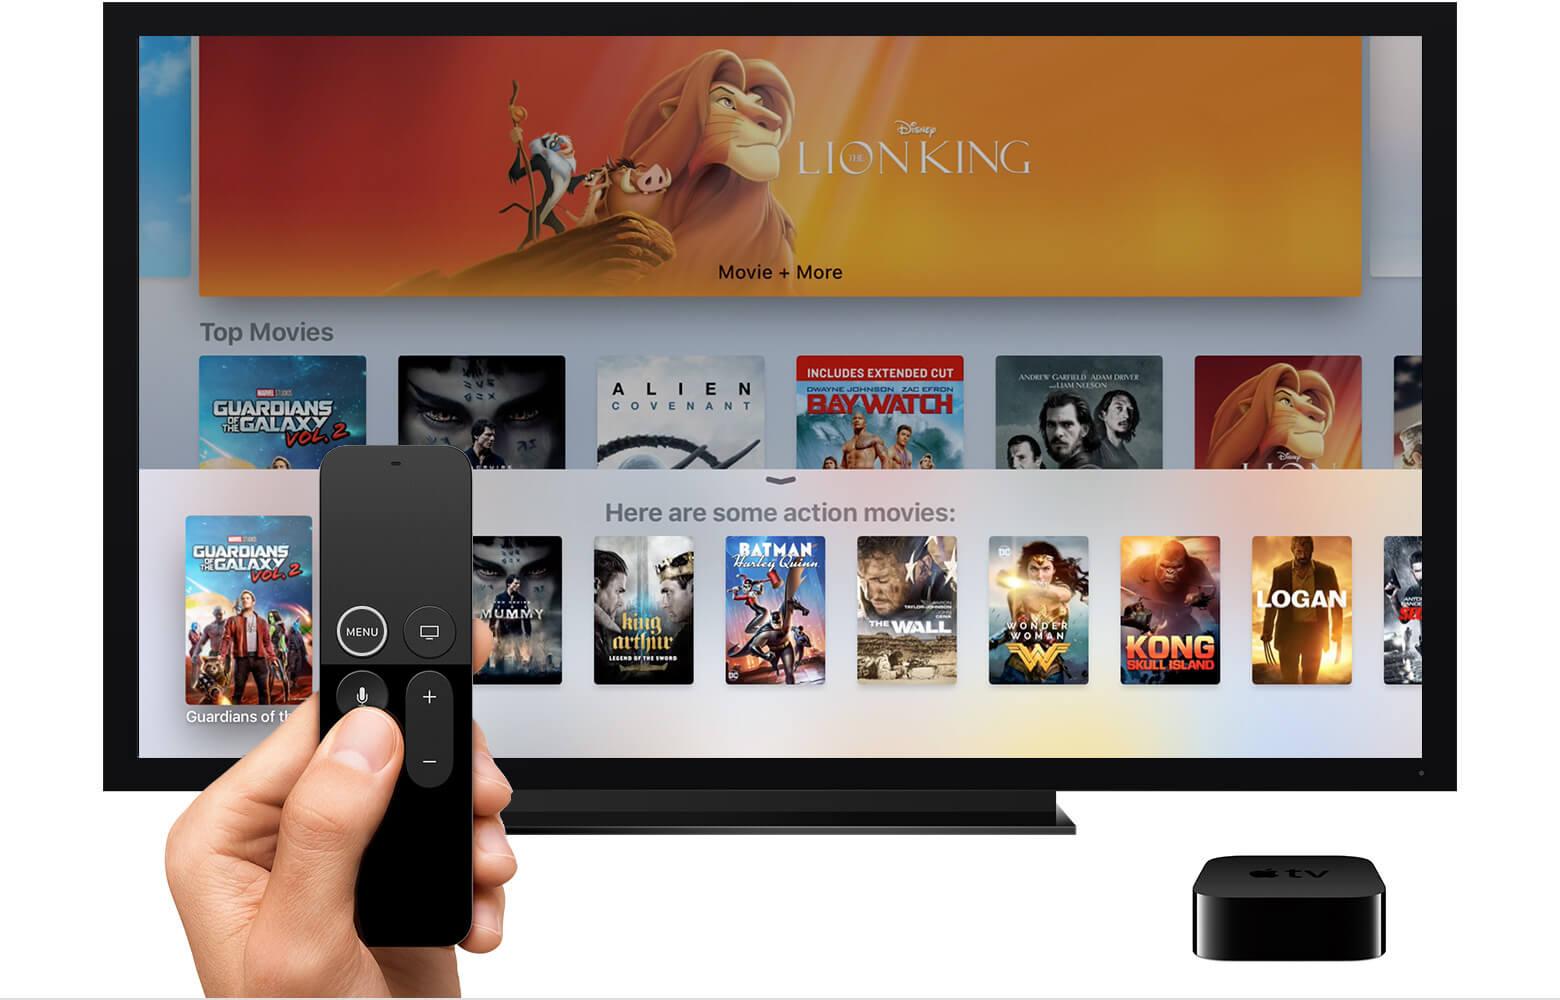 Review: apple tv 4k oferece uma experiência sólida e prática. Quer aproveitar melhor sua tv 4k compatível com hdr10? Confira o que achamos da mais nova set-top box da apple: a apple tv 4k.